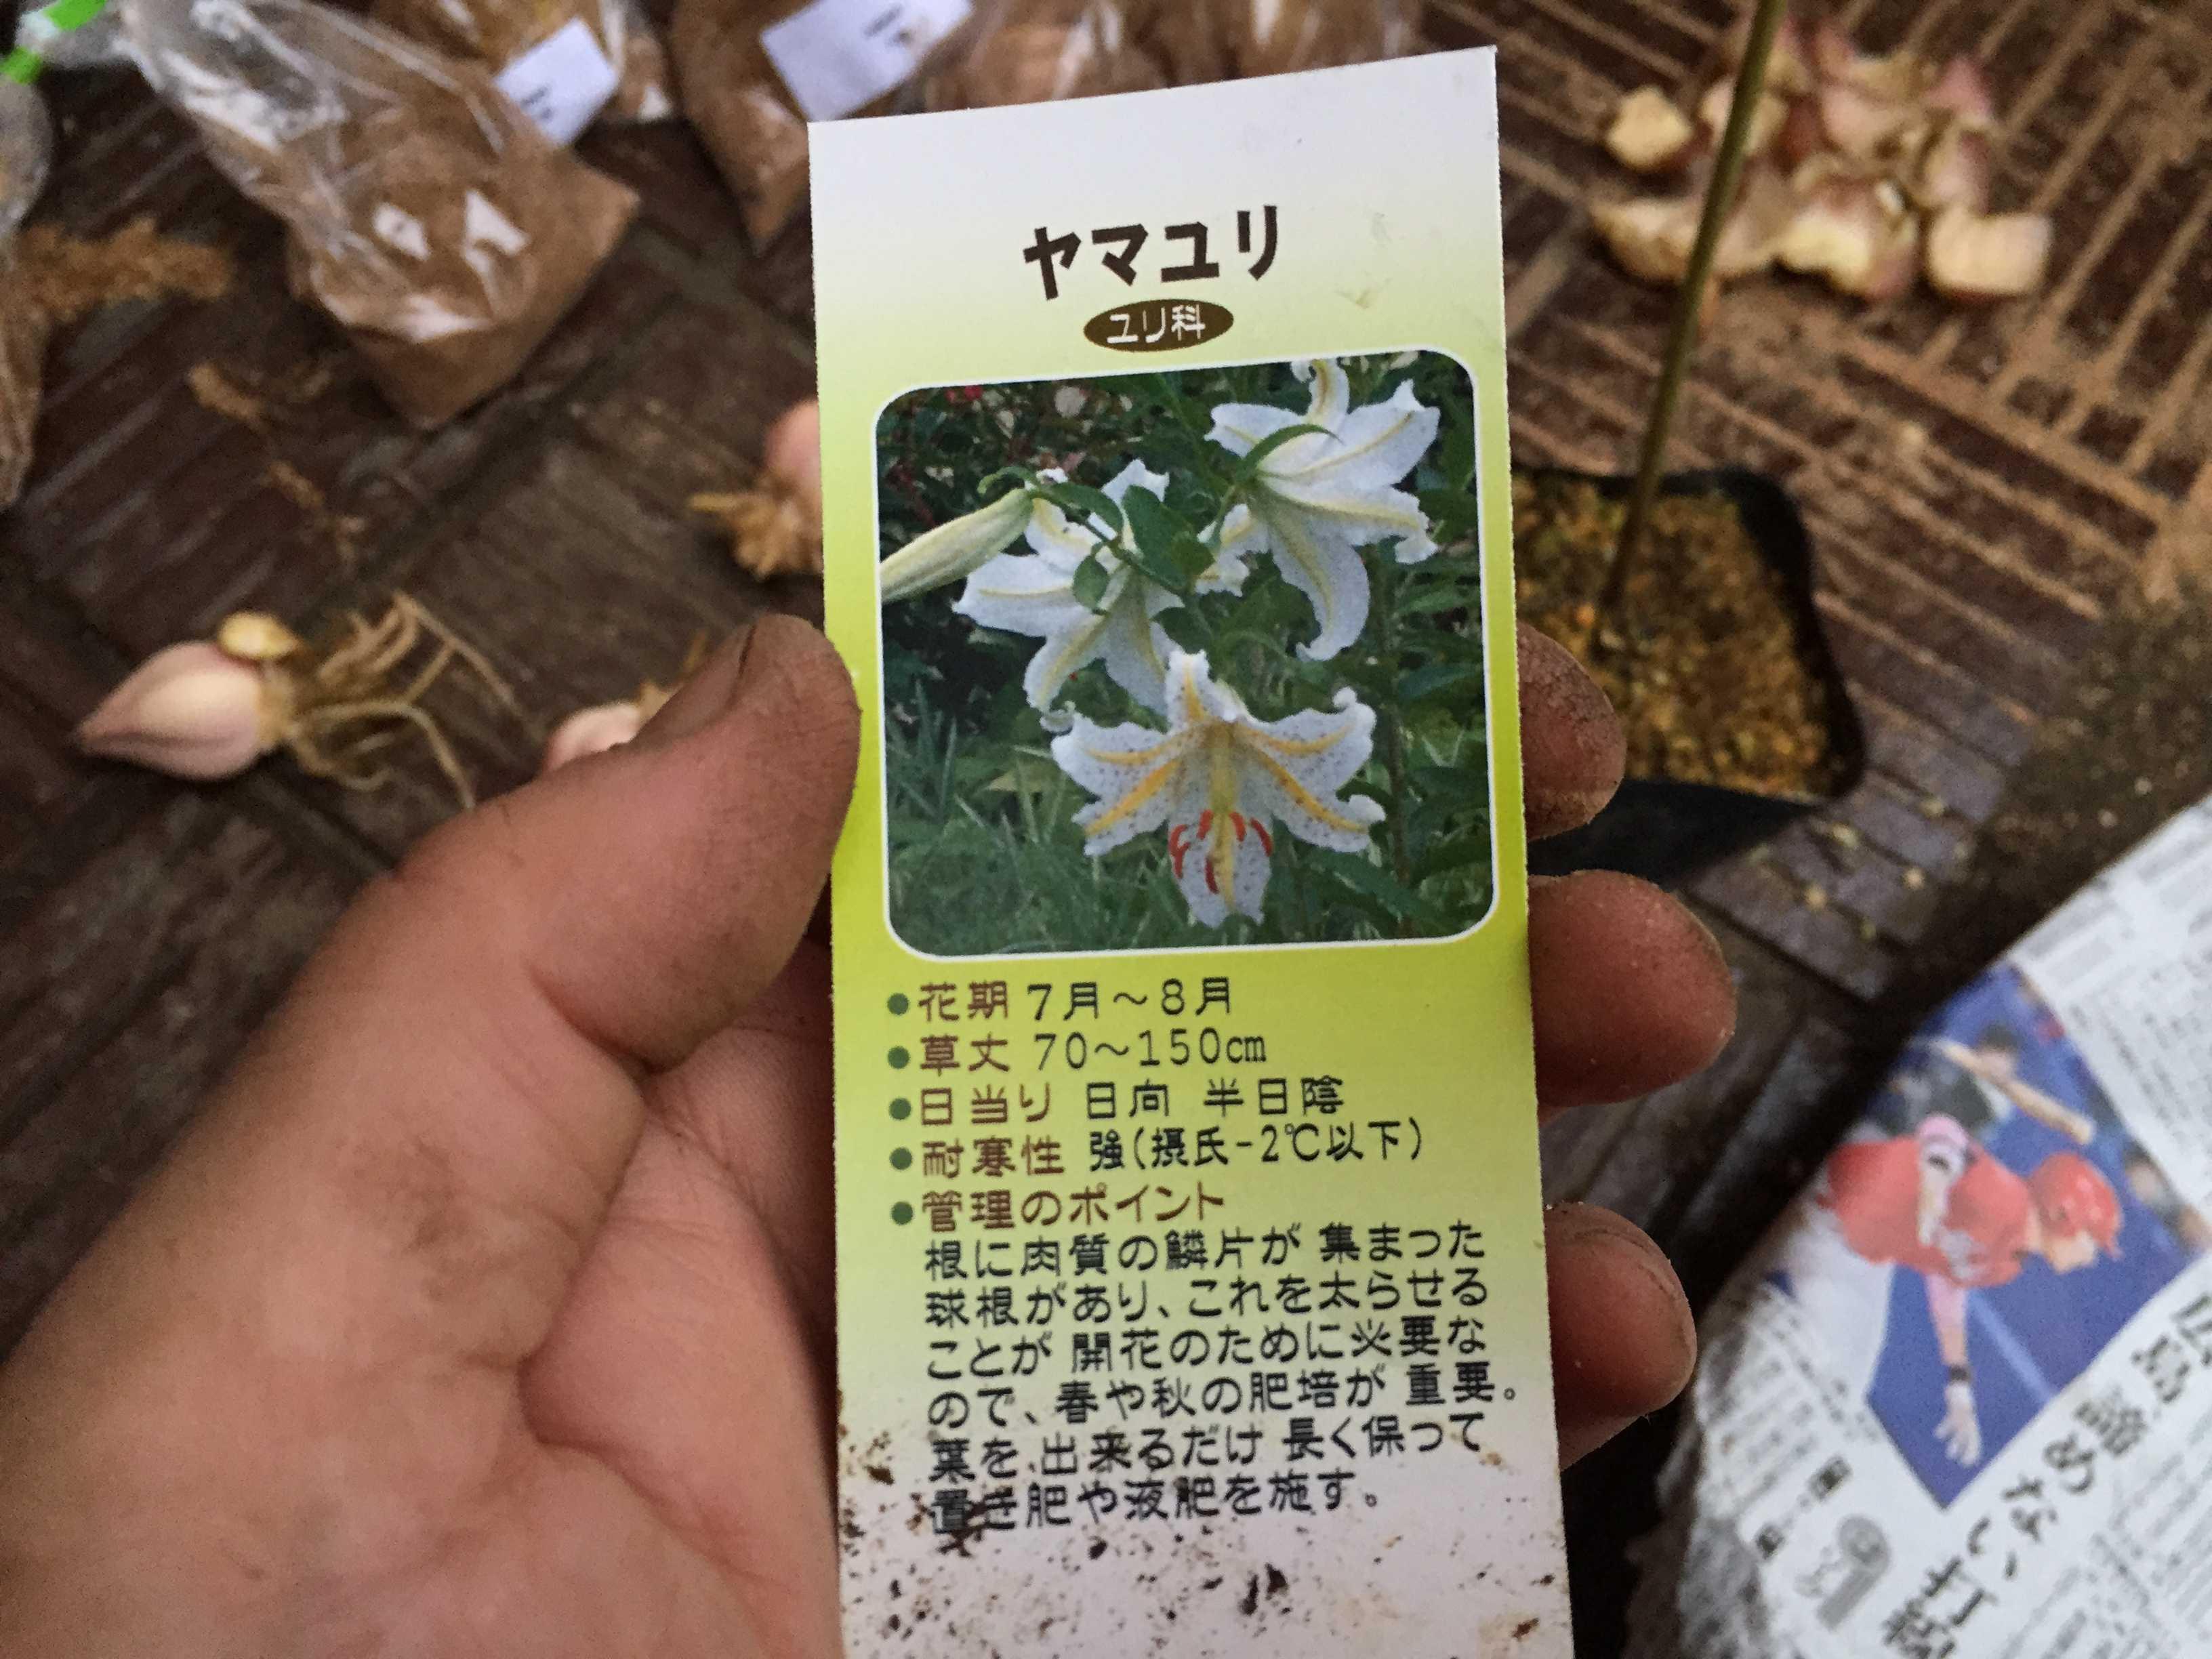 ヤマユリの鱗片定植 - ヤマユリ(ユリ科)とは?